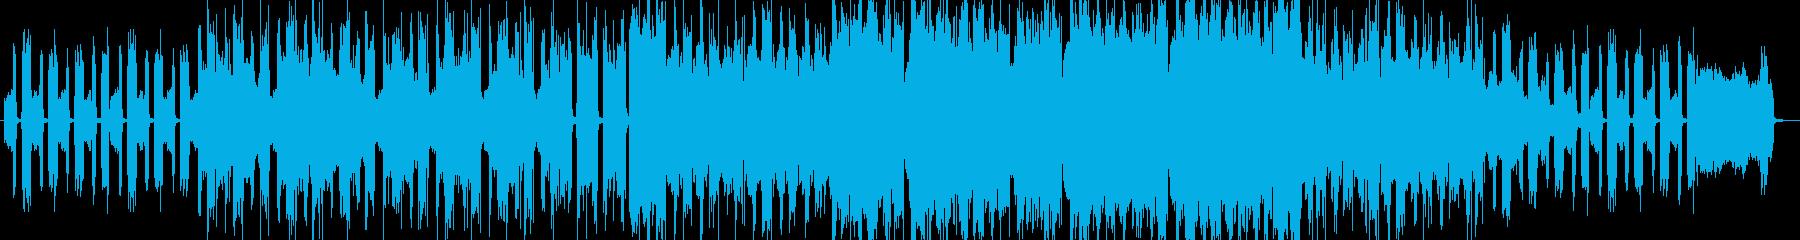 アコーディオン、怪しい雰囲気のBGMの再生済みの波形